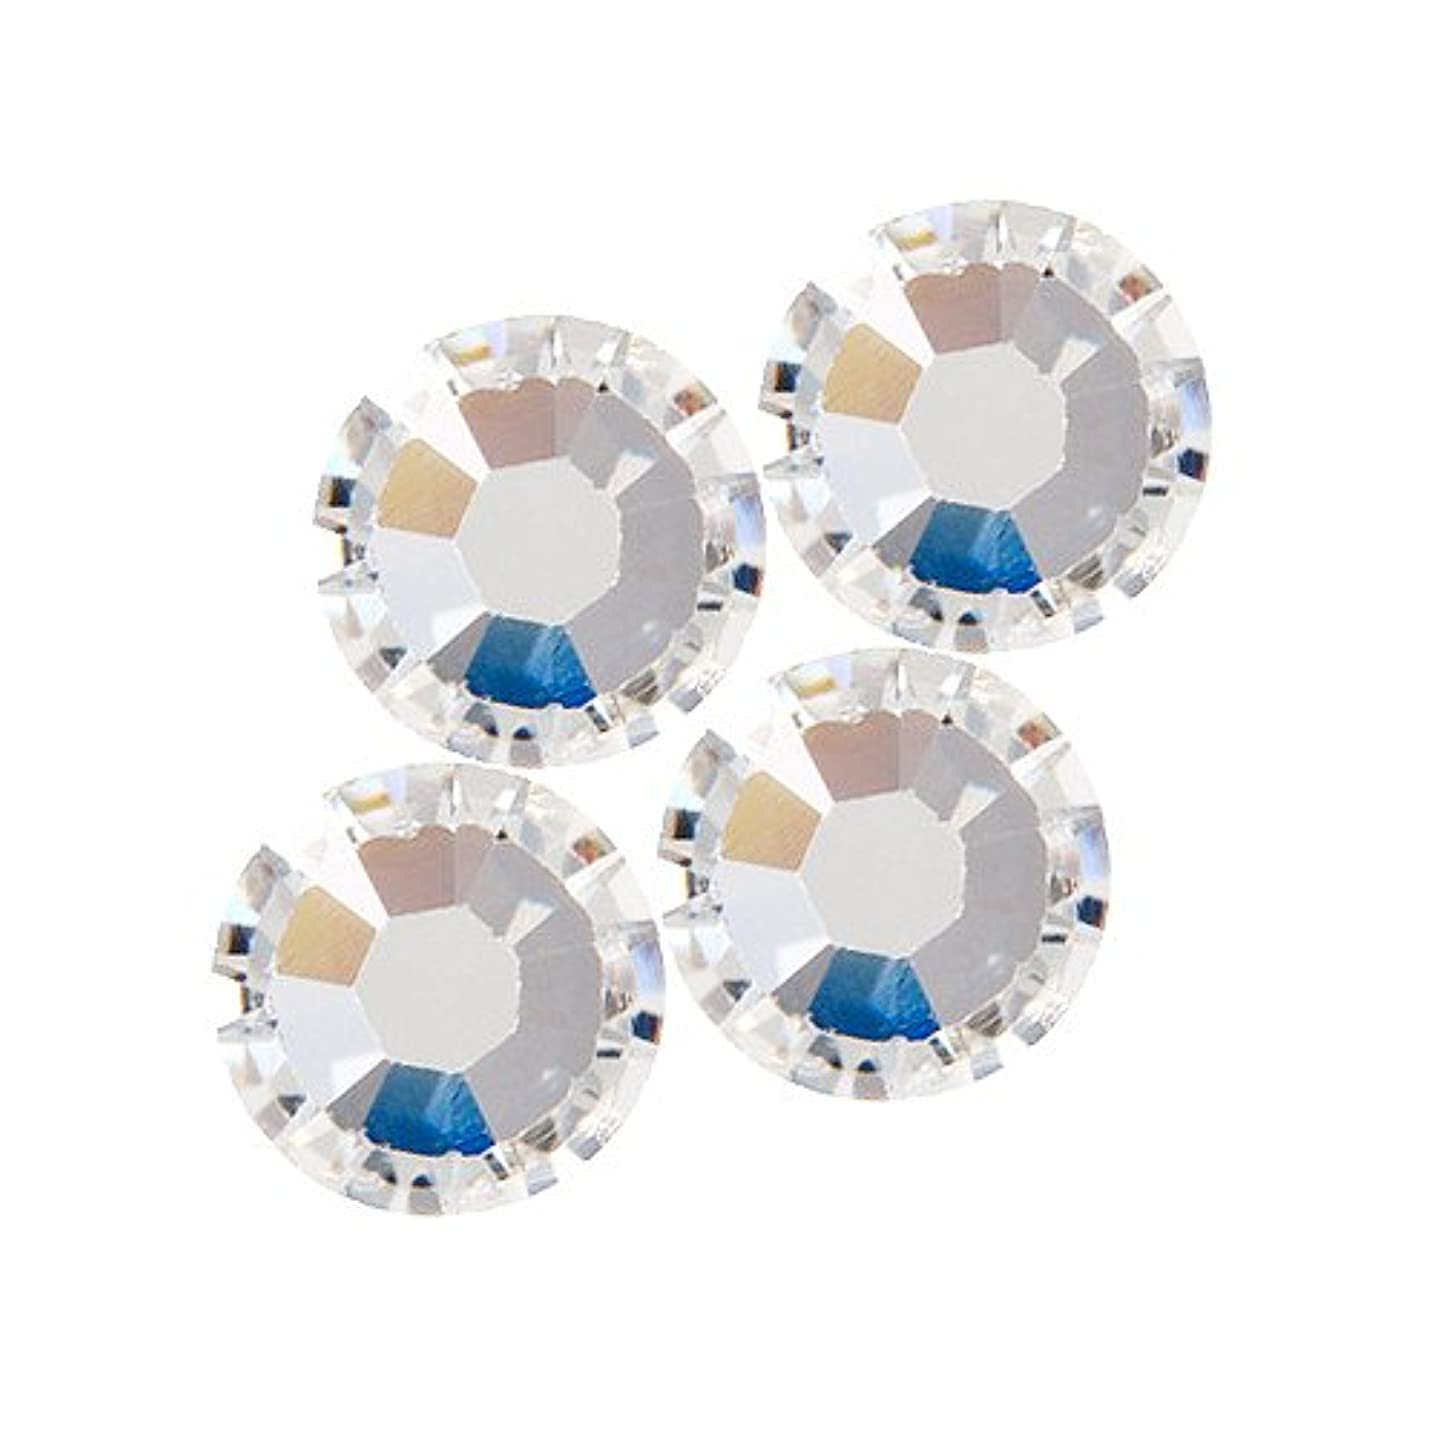 侵入する心理学ダイバーバイナル DIAMOND RHINESTONE  クリスタル SS10 1440粒 ST-SS10-CRY-10G